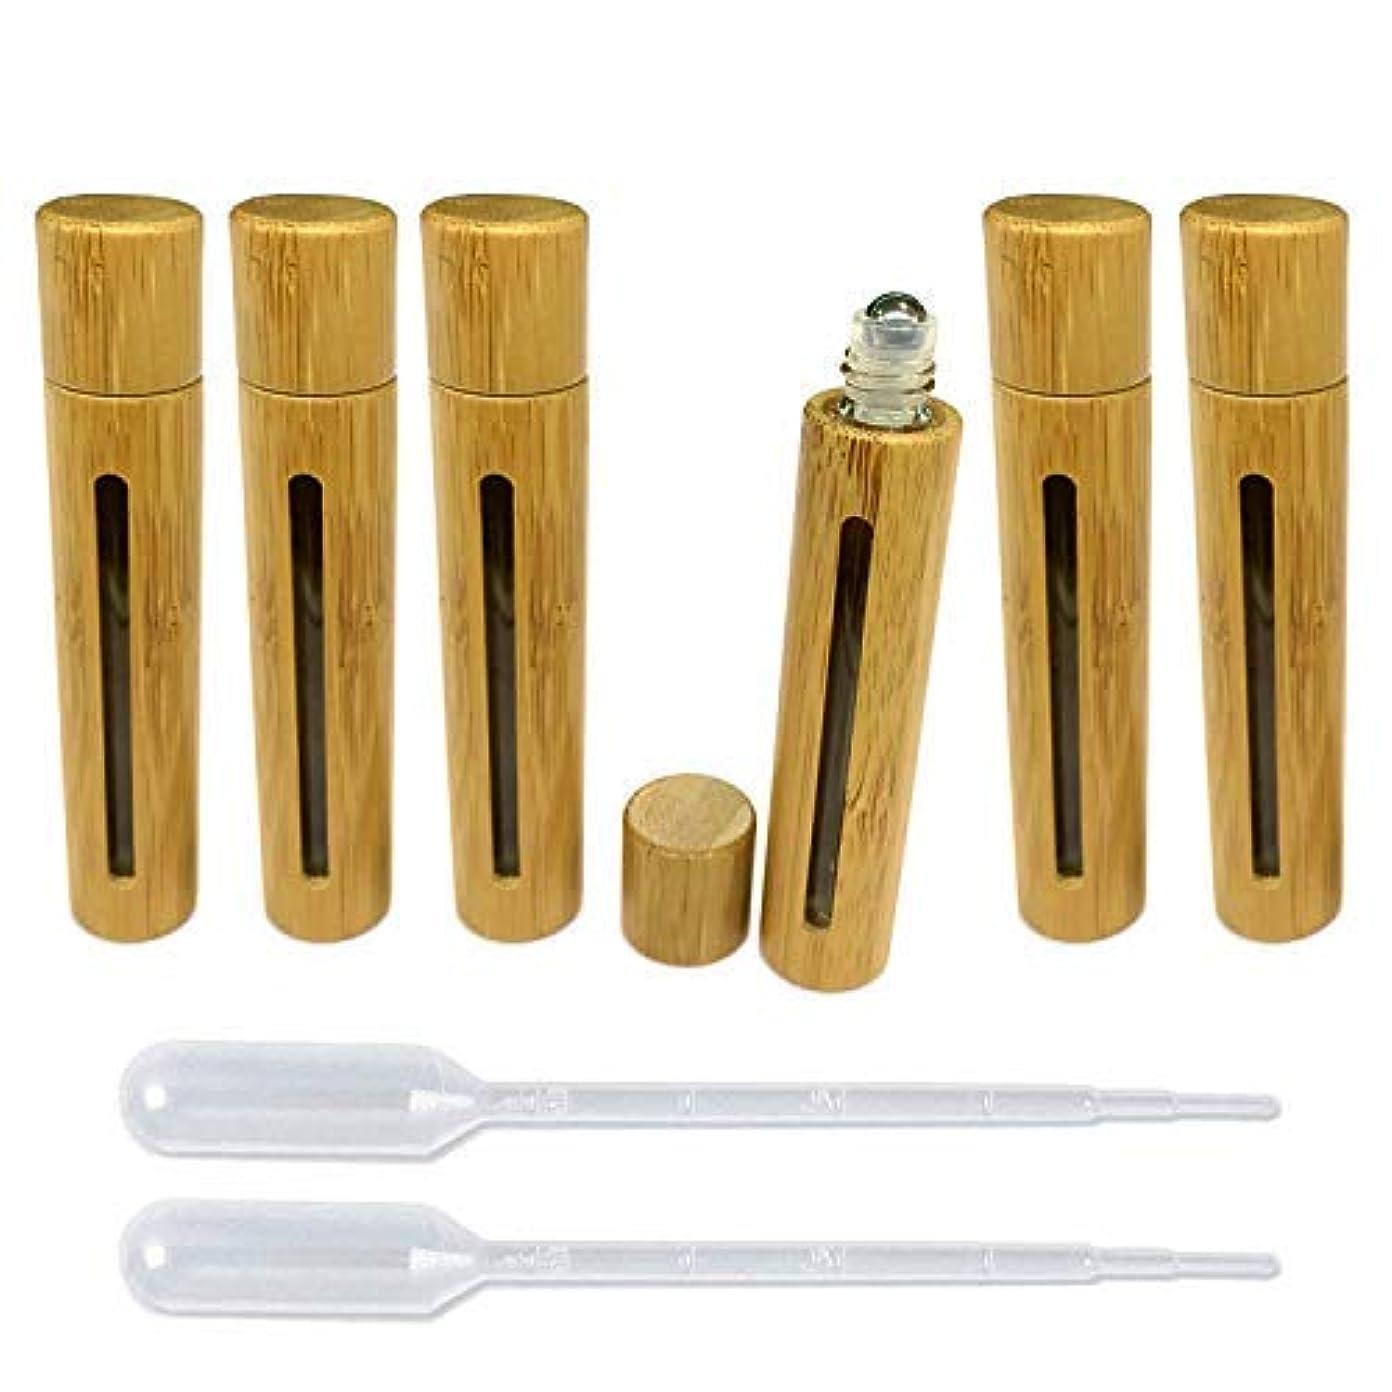 眠り続けるペストリー6 Pieces Roll On Bottles 10ml With Hollow Window Bamboo Shell Clear Glass Roller Bottles Empty Refillable Essential...